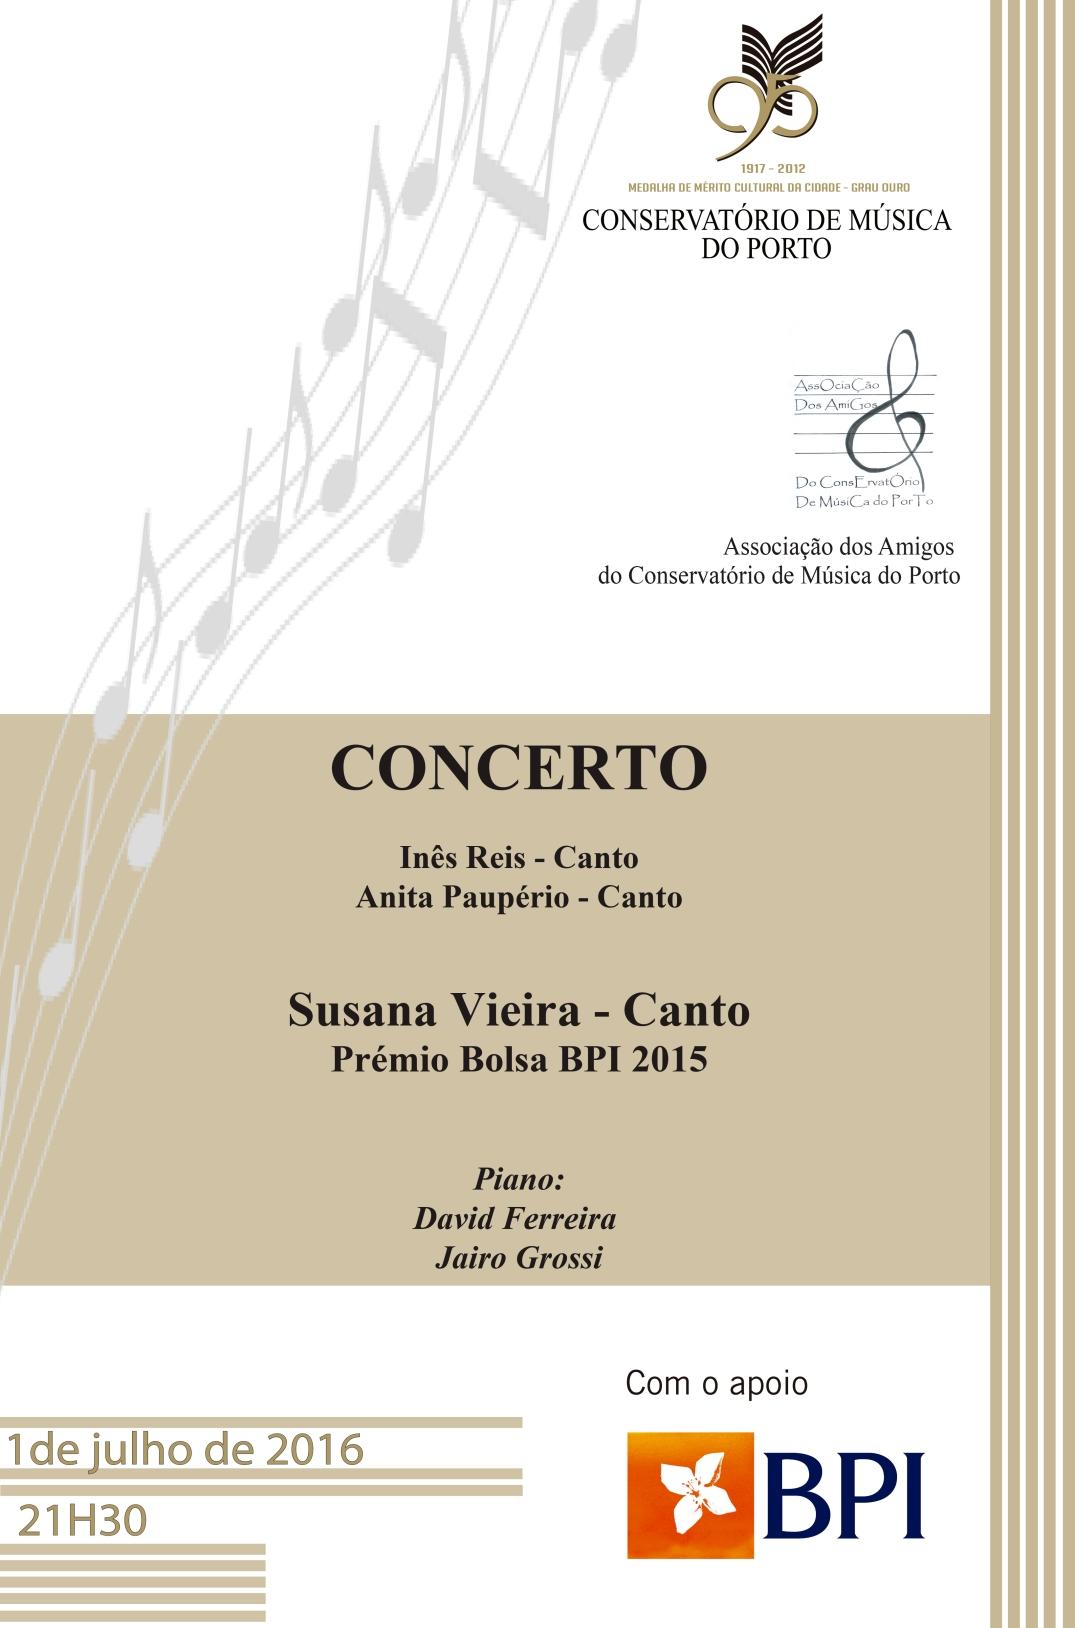 Concerto - Susana Vieira - BPI-1